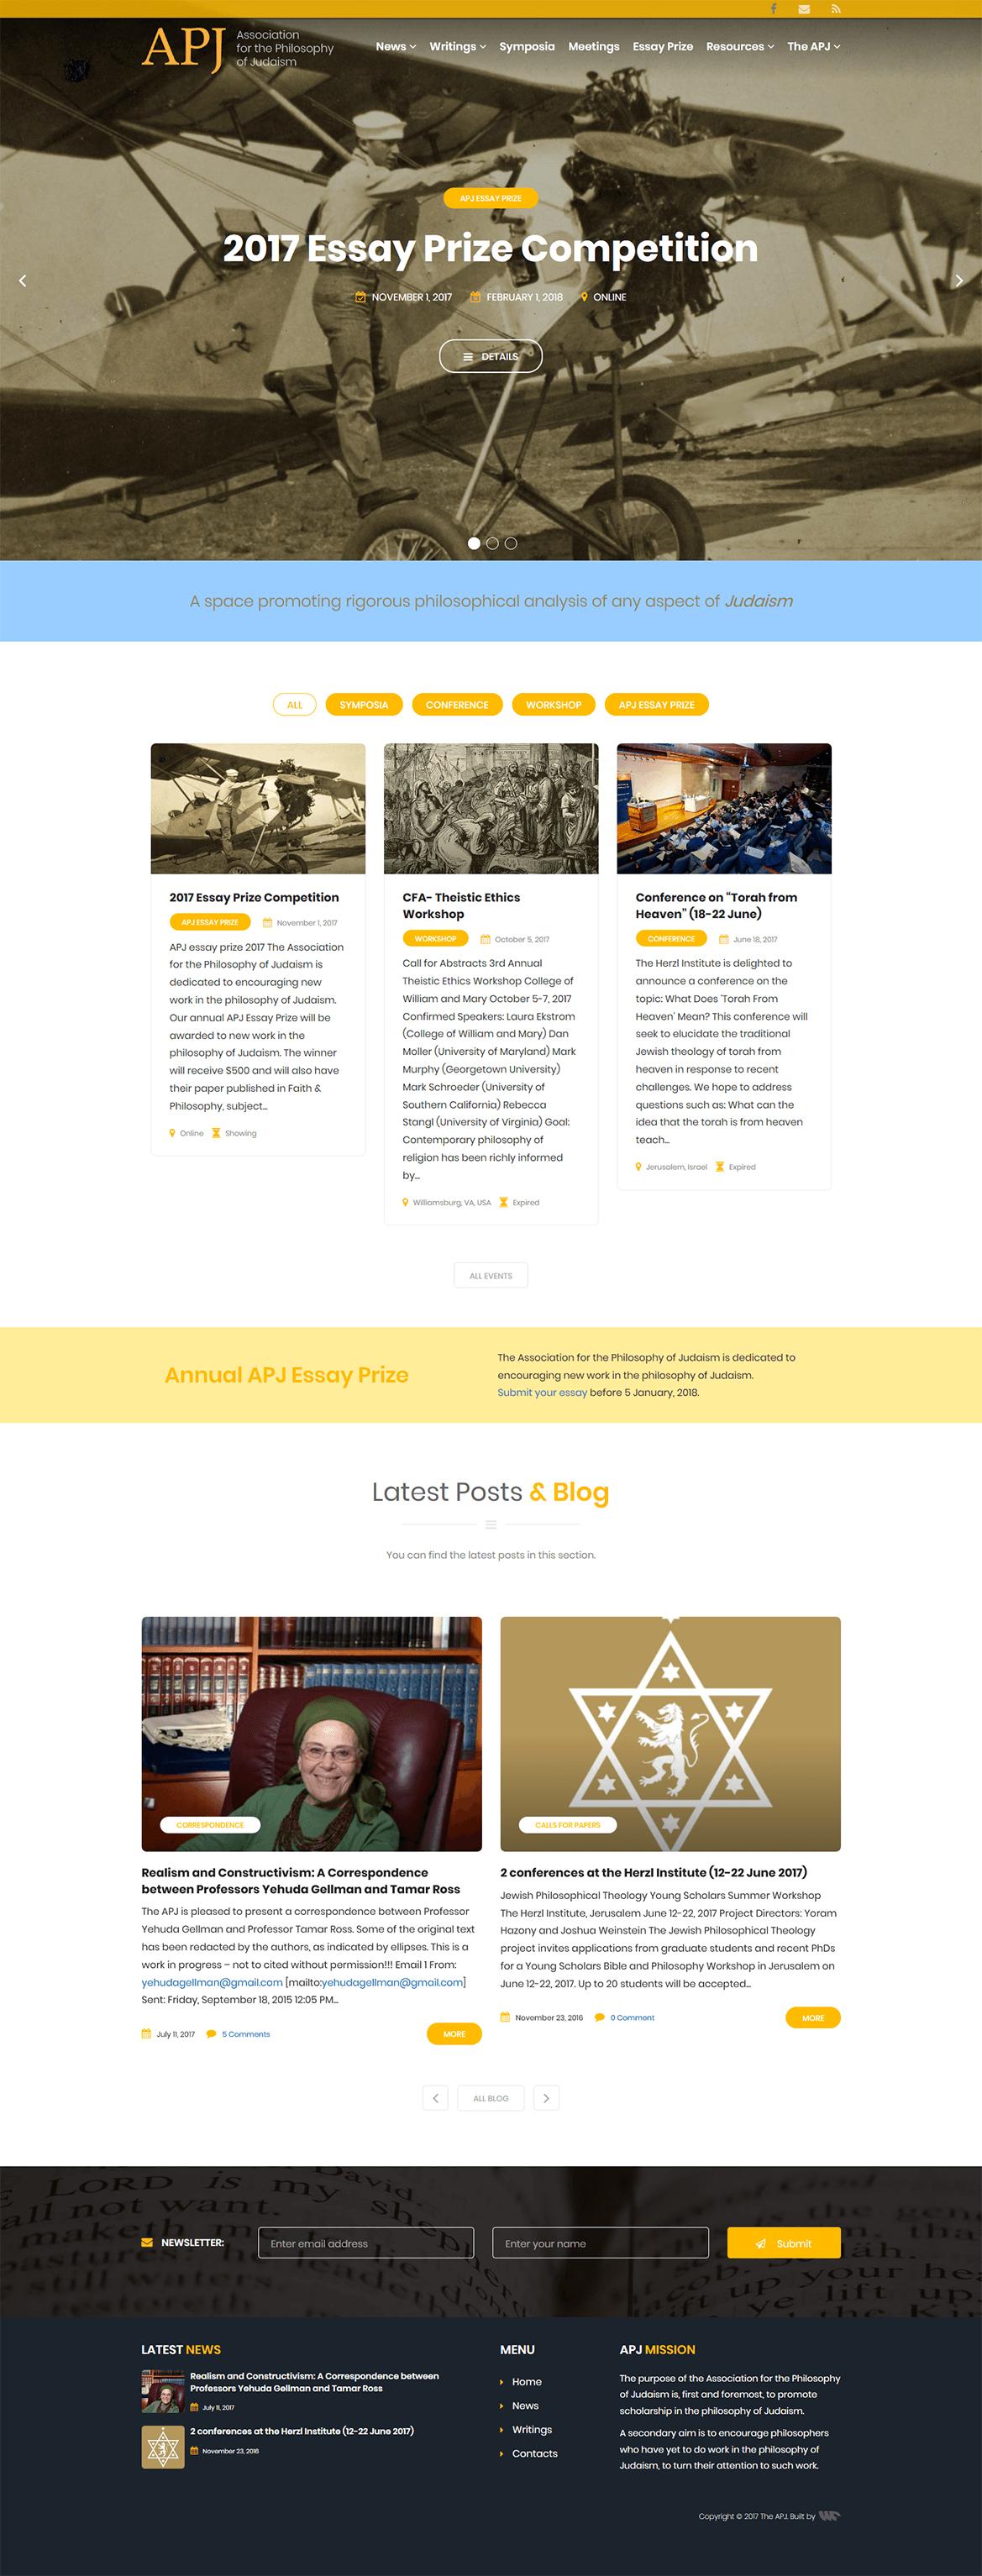 Non-profit philosophers association website